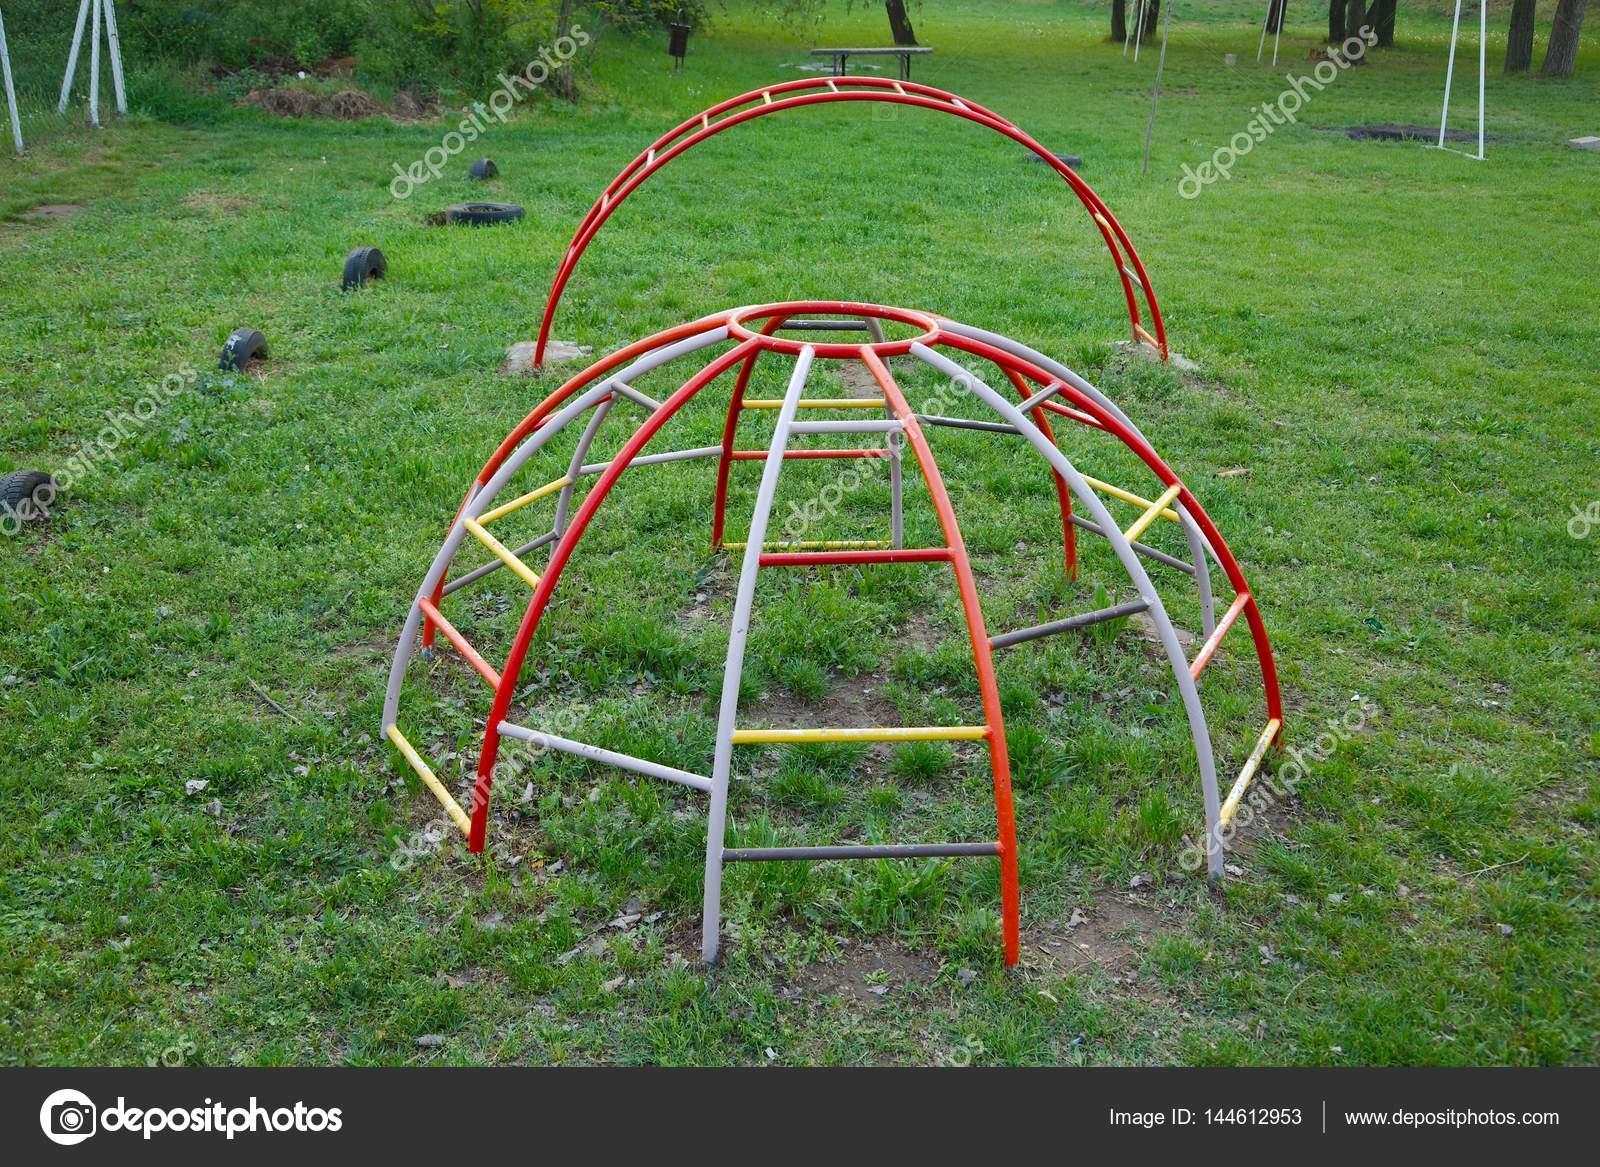 Klettergerüst English : Klettergerüst auf dem spielplatz u stockfoto gudella